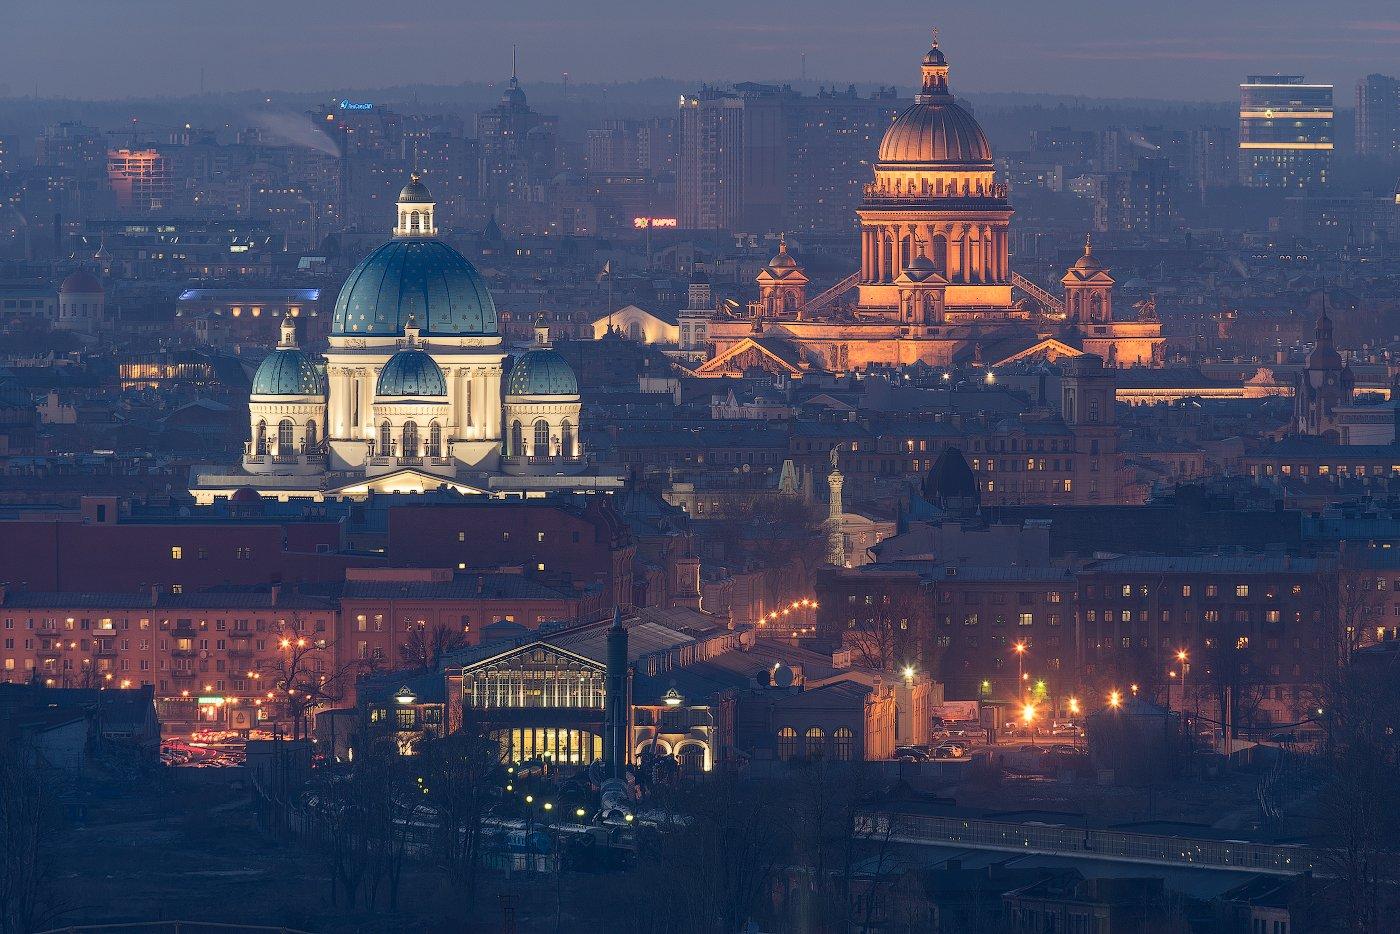 800мм, Весна, Вечер, Исаакиевский собор, Крыша, Санкт петербург, Телеобъектив, Троицкий собор, Sergey Louks